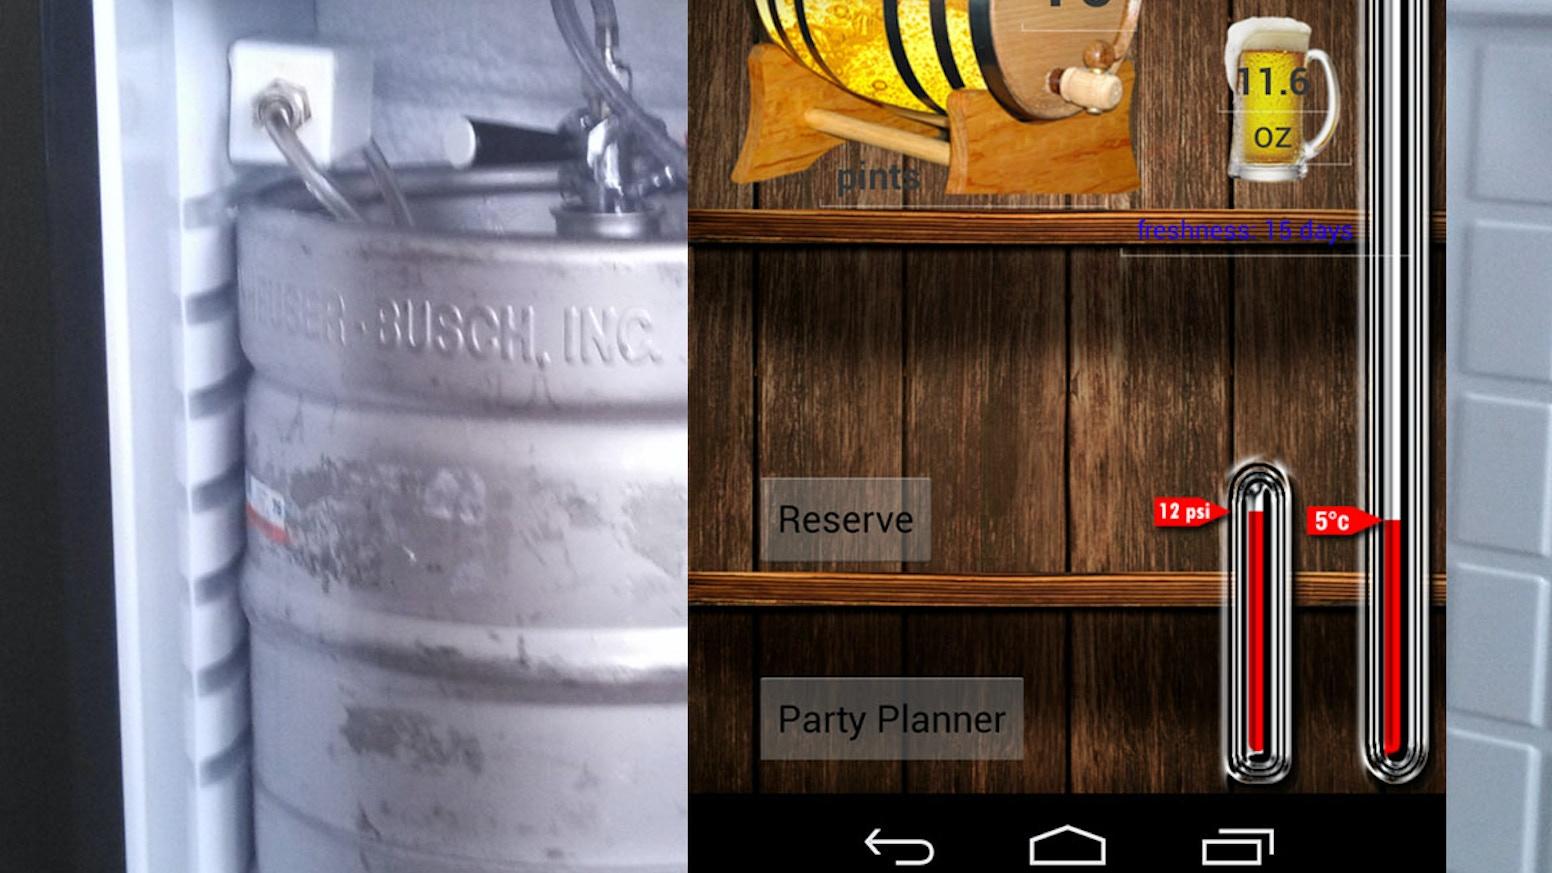 kegvision smartphone kegerator beer monitor by dan gotko ios